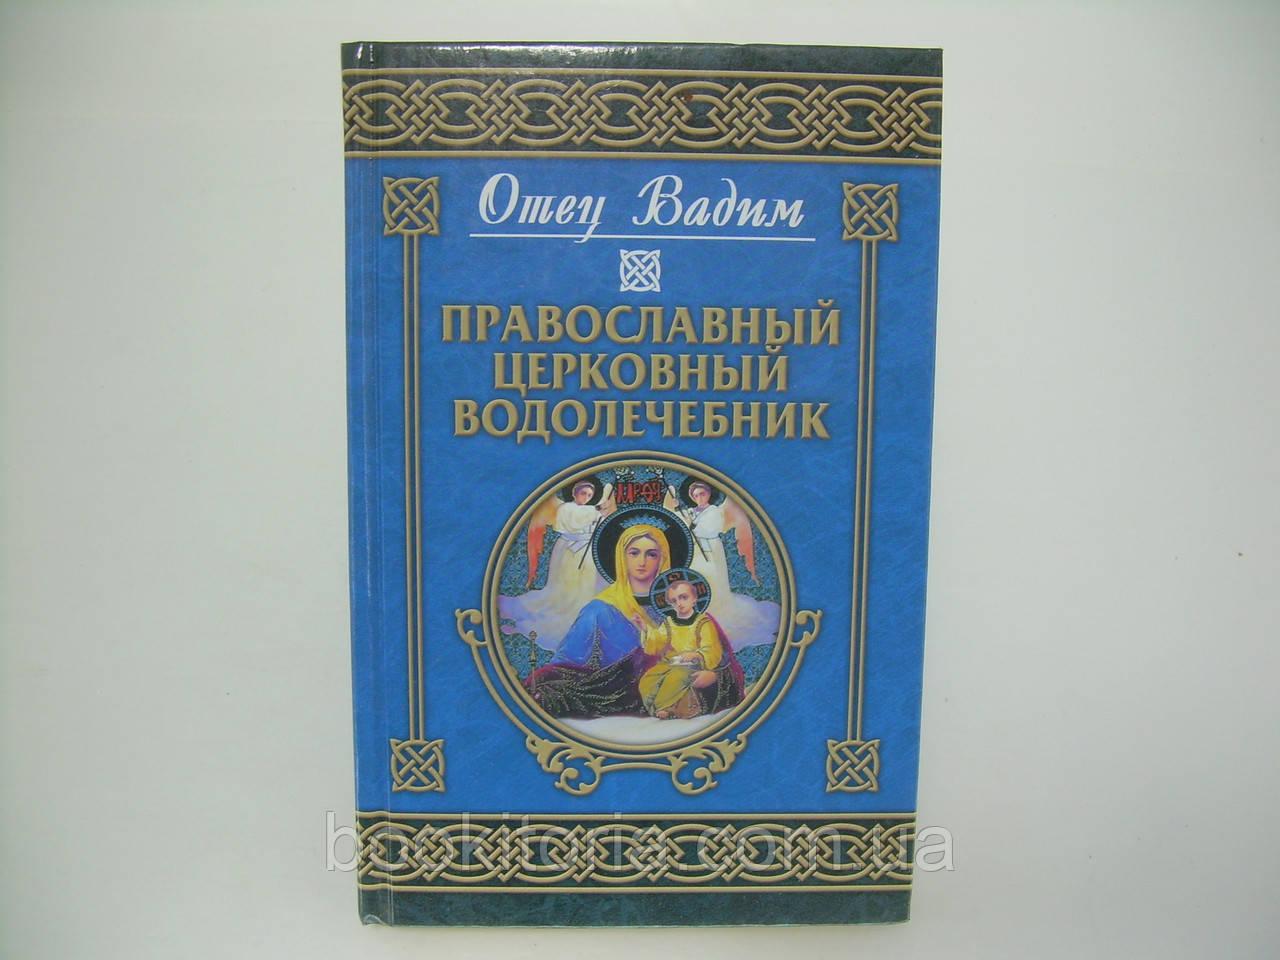 Отец Вадим (Синичкин В.). Православный церковный водолечебник (б/у).